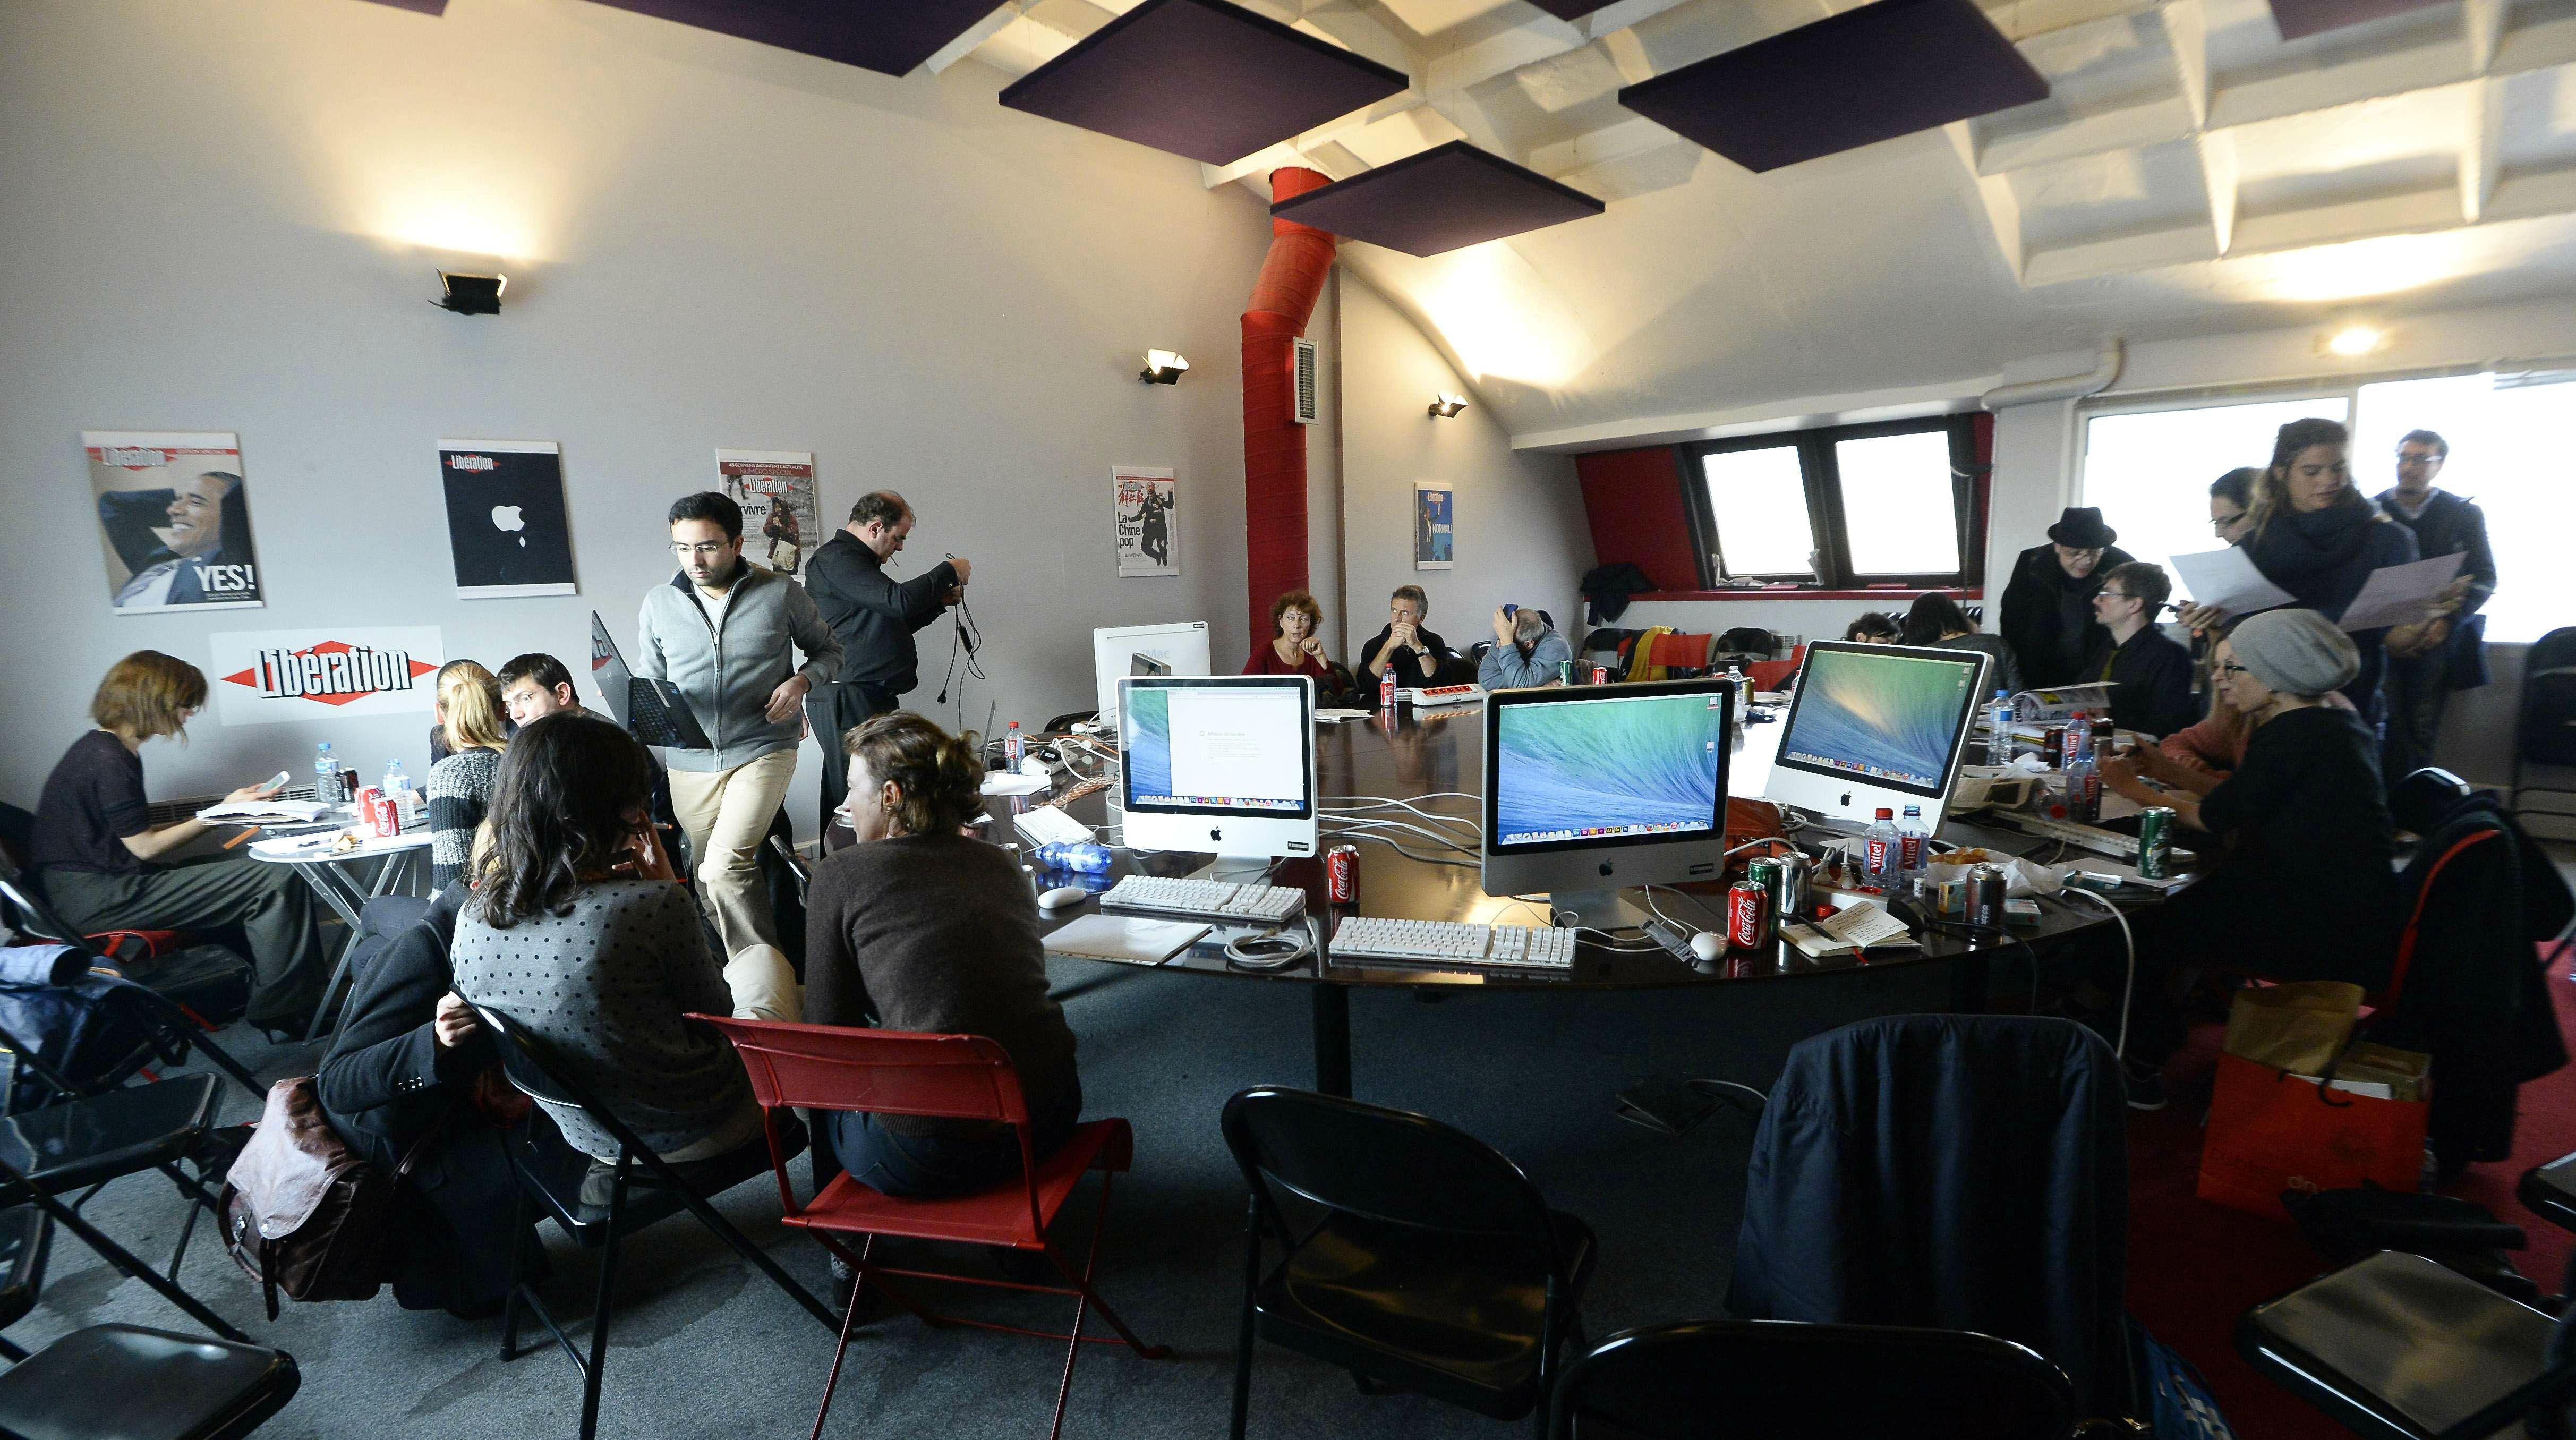 La rédaction de Charlie Hebdo en plein travail le 10 janvier 2015 dans les locaux de Libération.